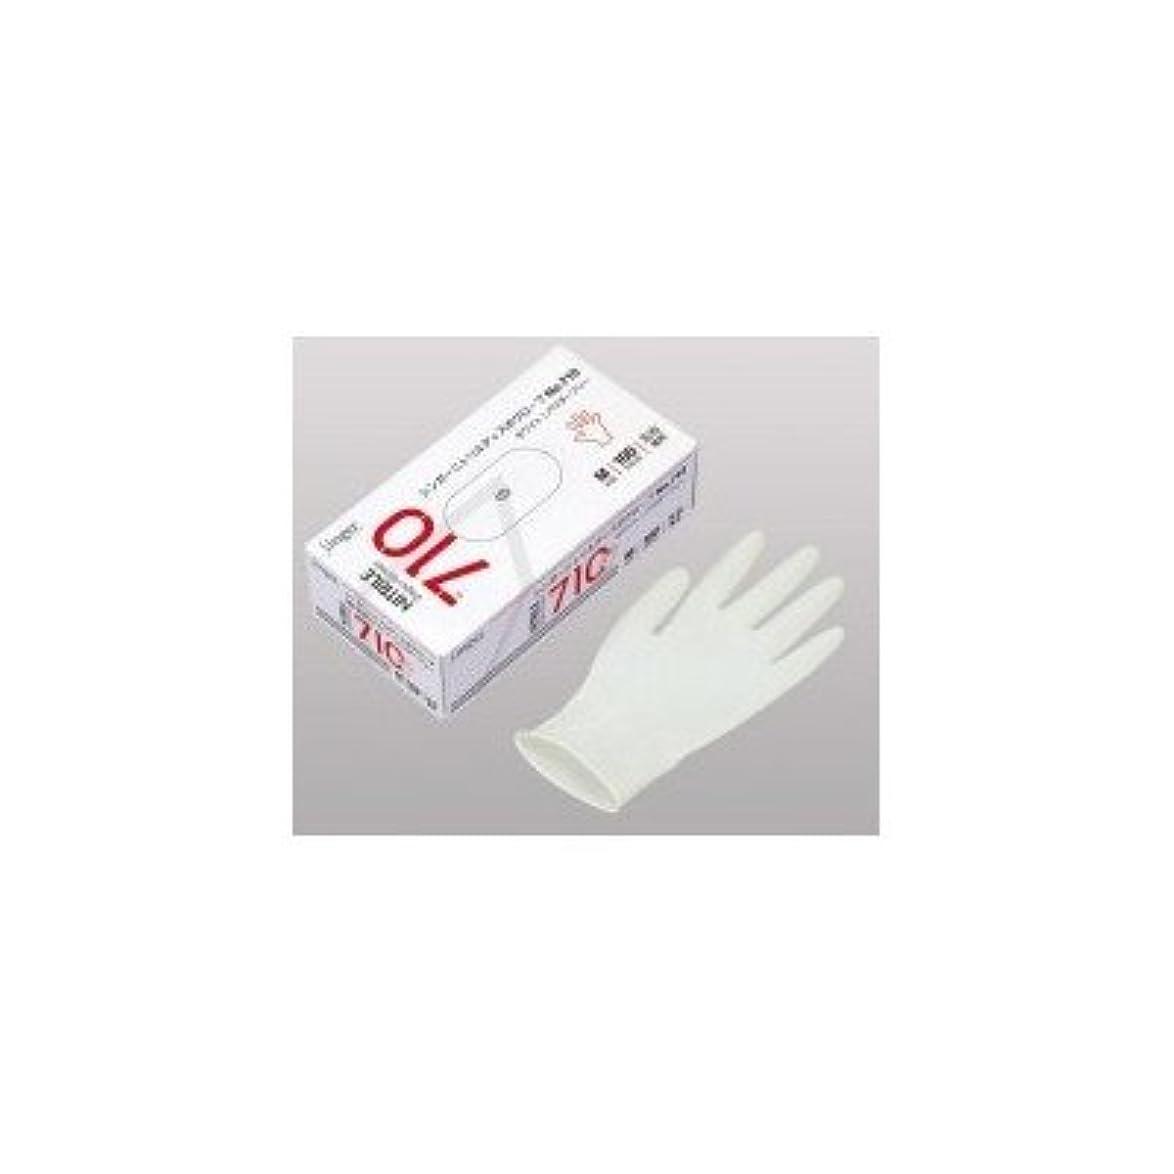 存在札入れ厳シンガー ニトリルディスポグローブ(手袋) No.710 ホワイト パウダーフリー(100枚) M